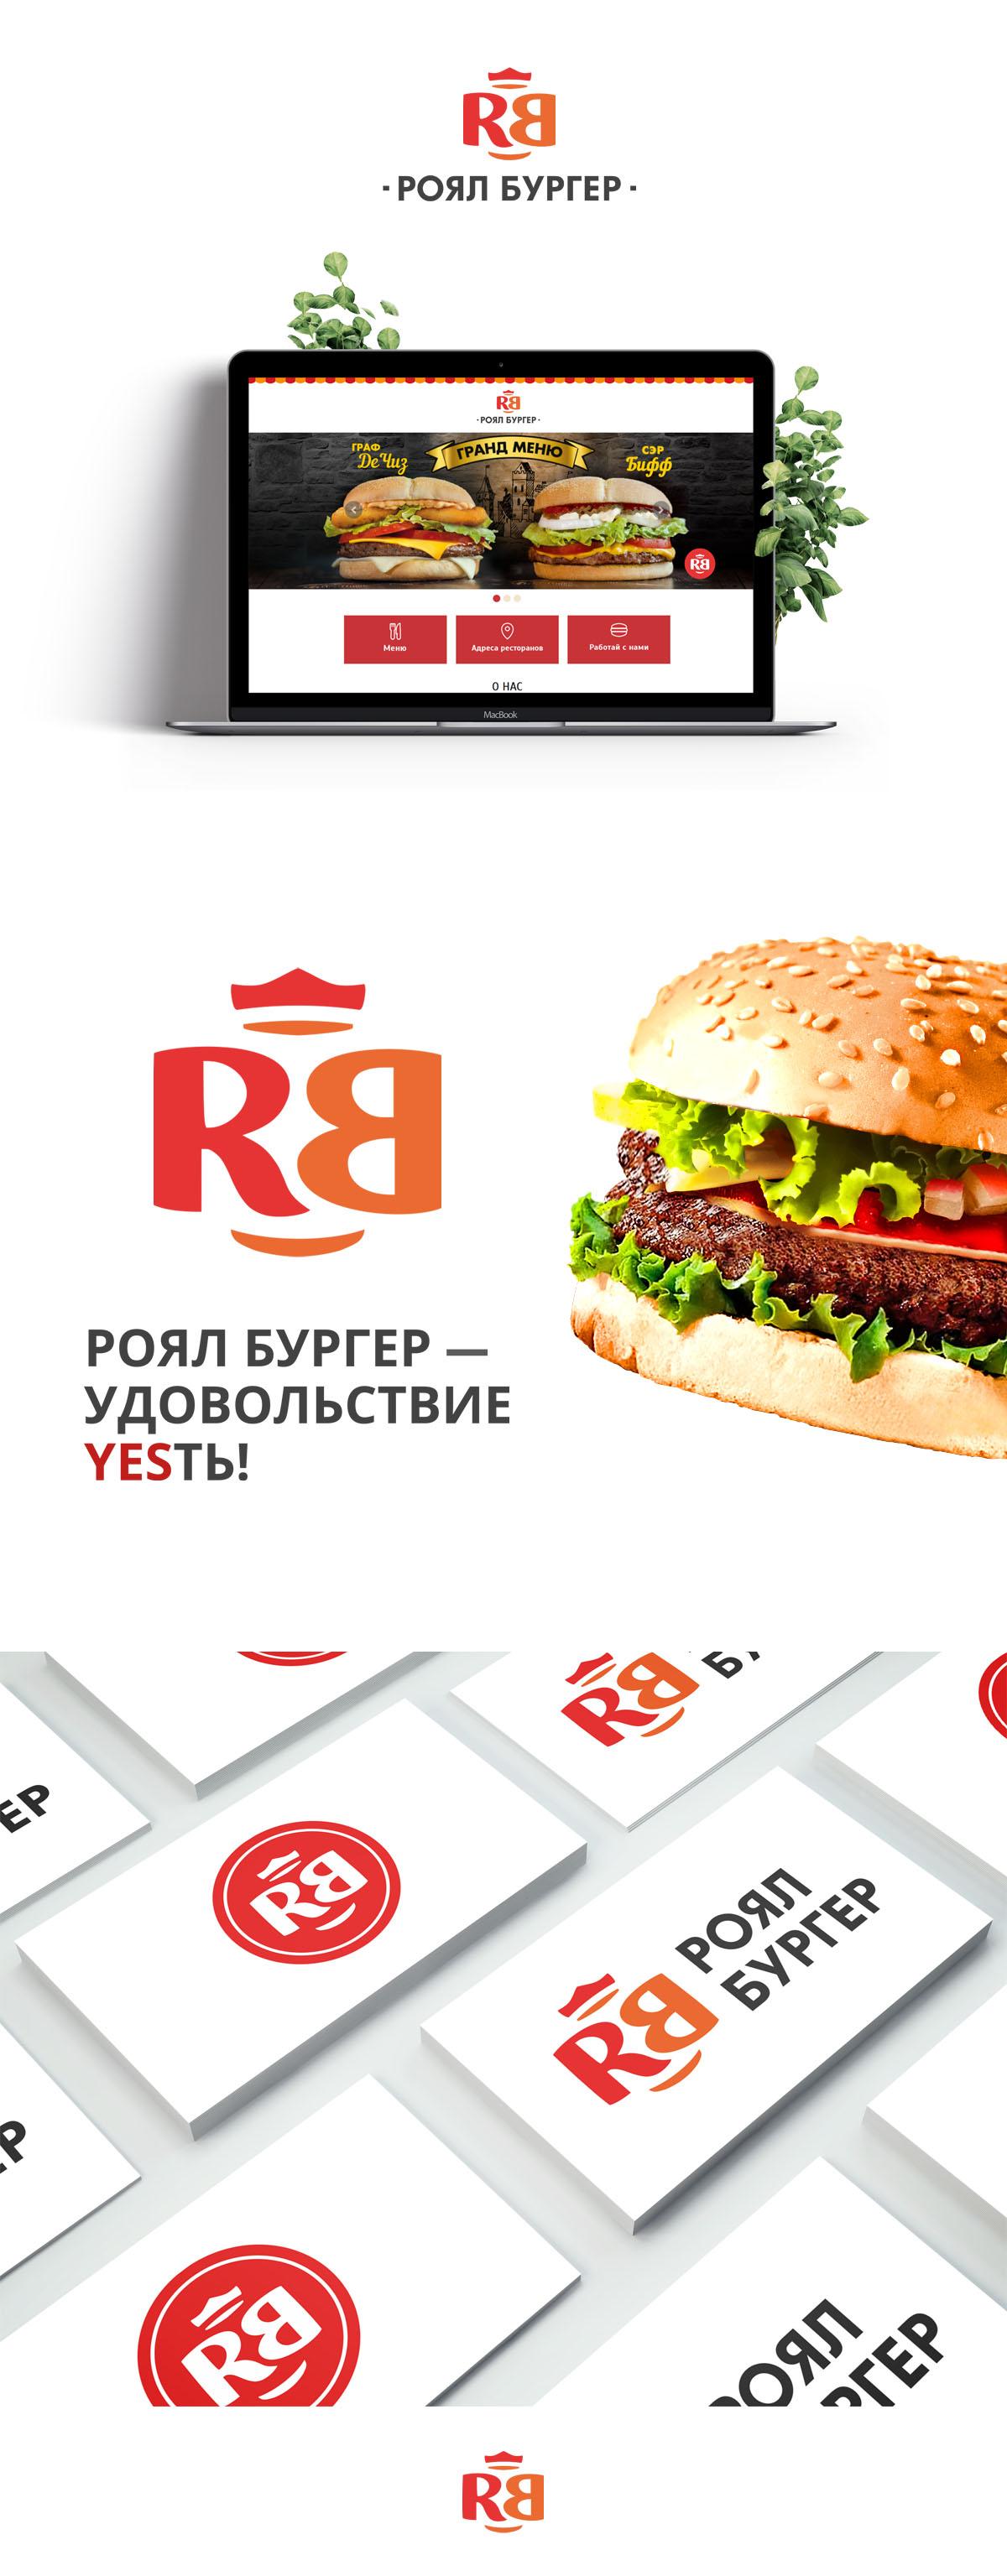 Обновление логотипа фото f_42959a558c64d326.jpg